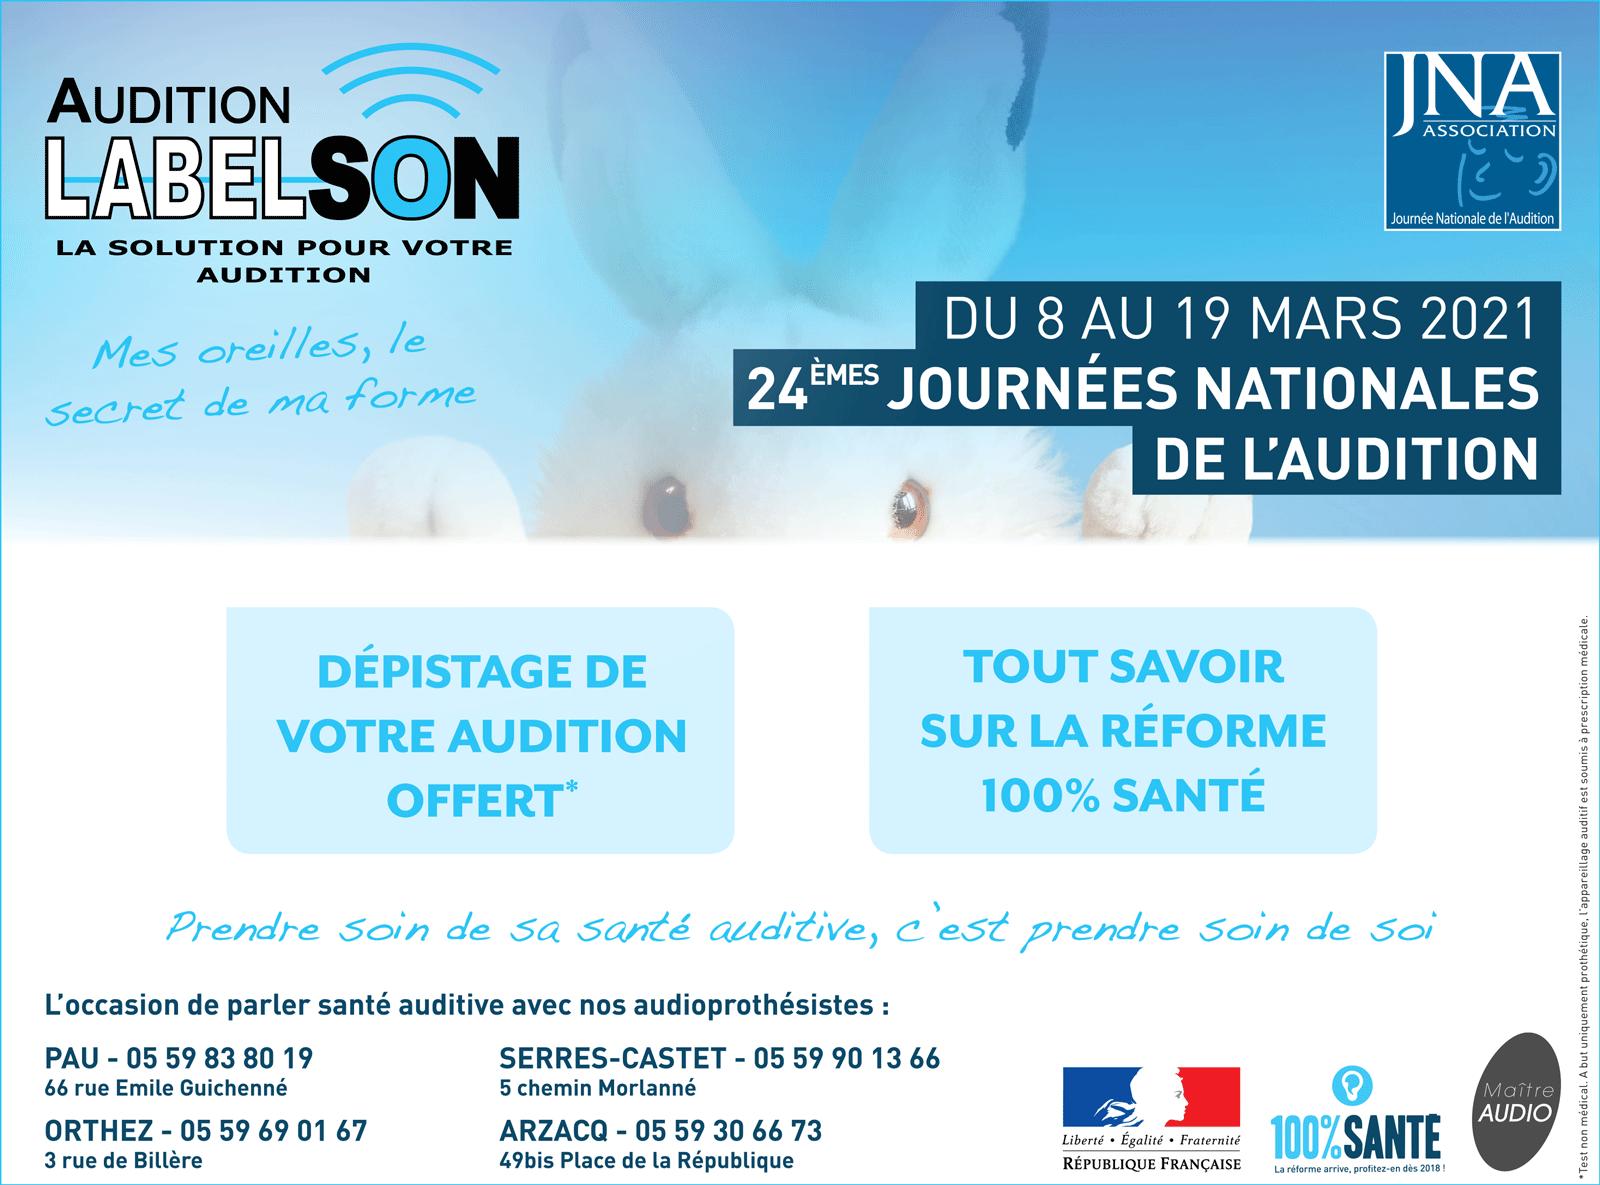 pop-up-jna-audition-labelson-maitre-audio-journee-nationale-de-laudition